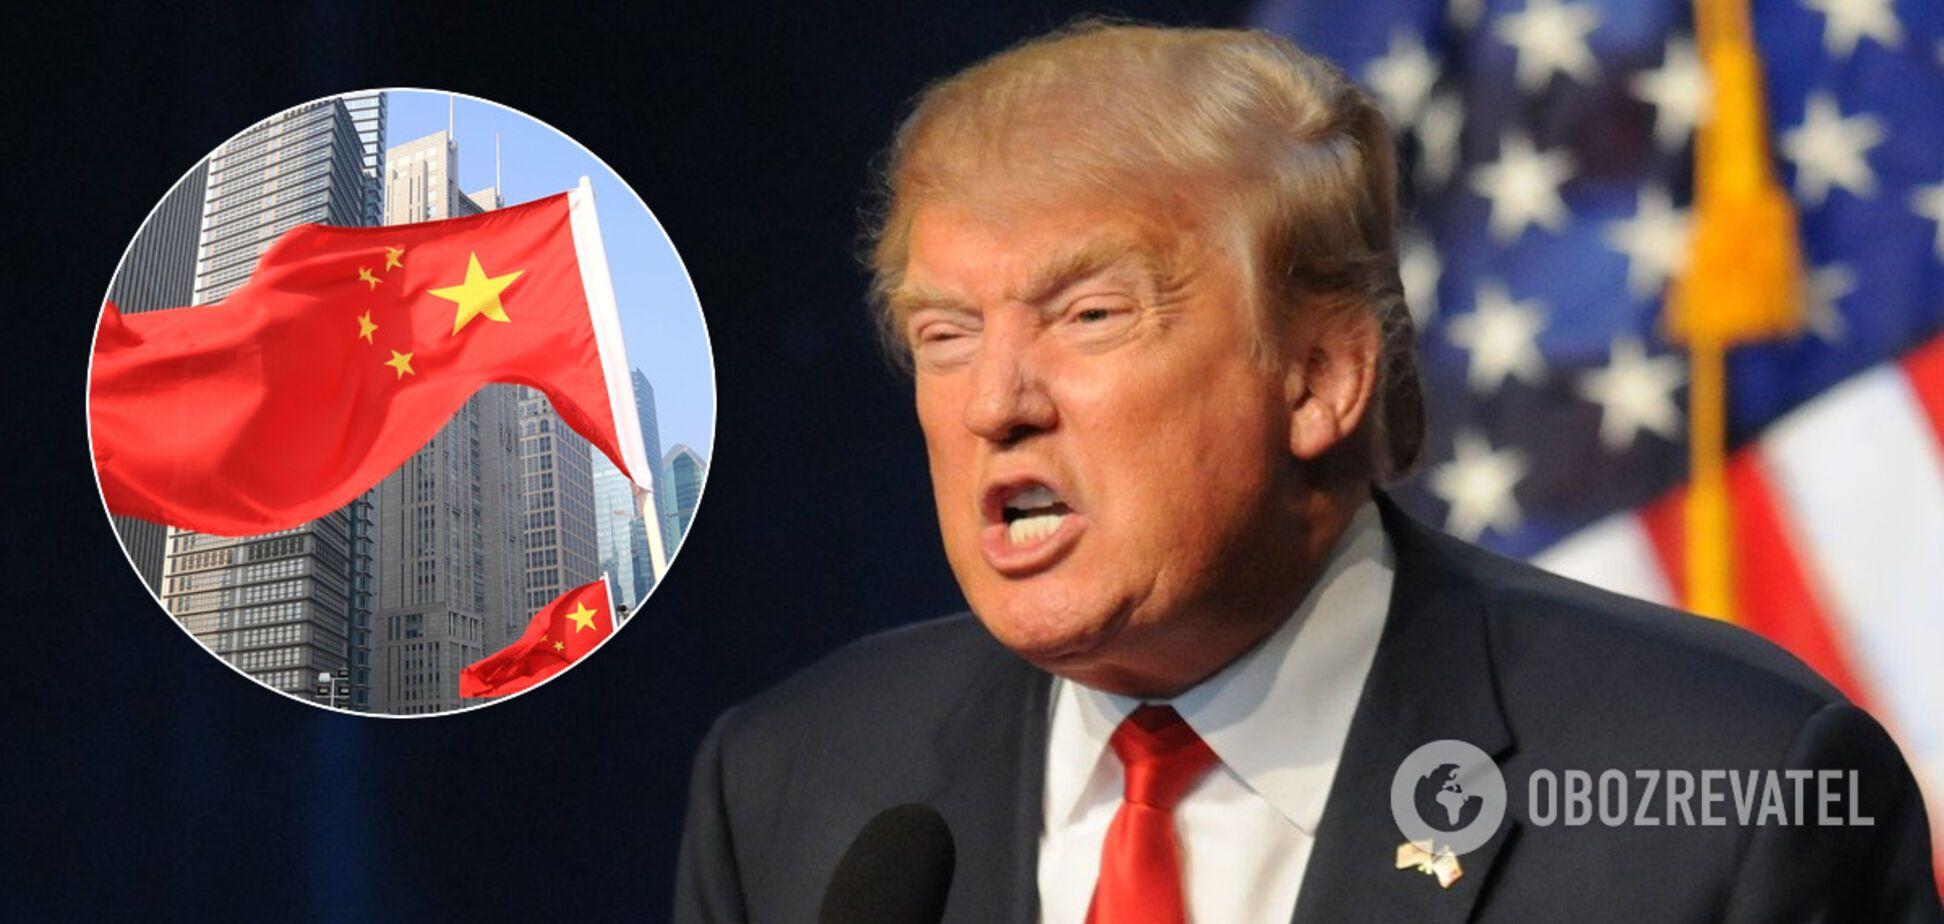 Трамп пригрозил Китаю новыми ограничениями: как это может повлиять на мир